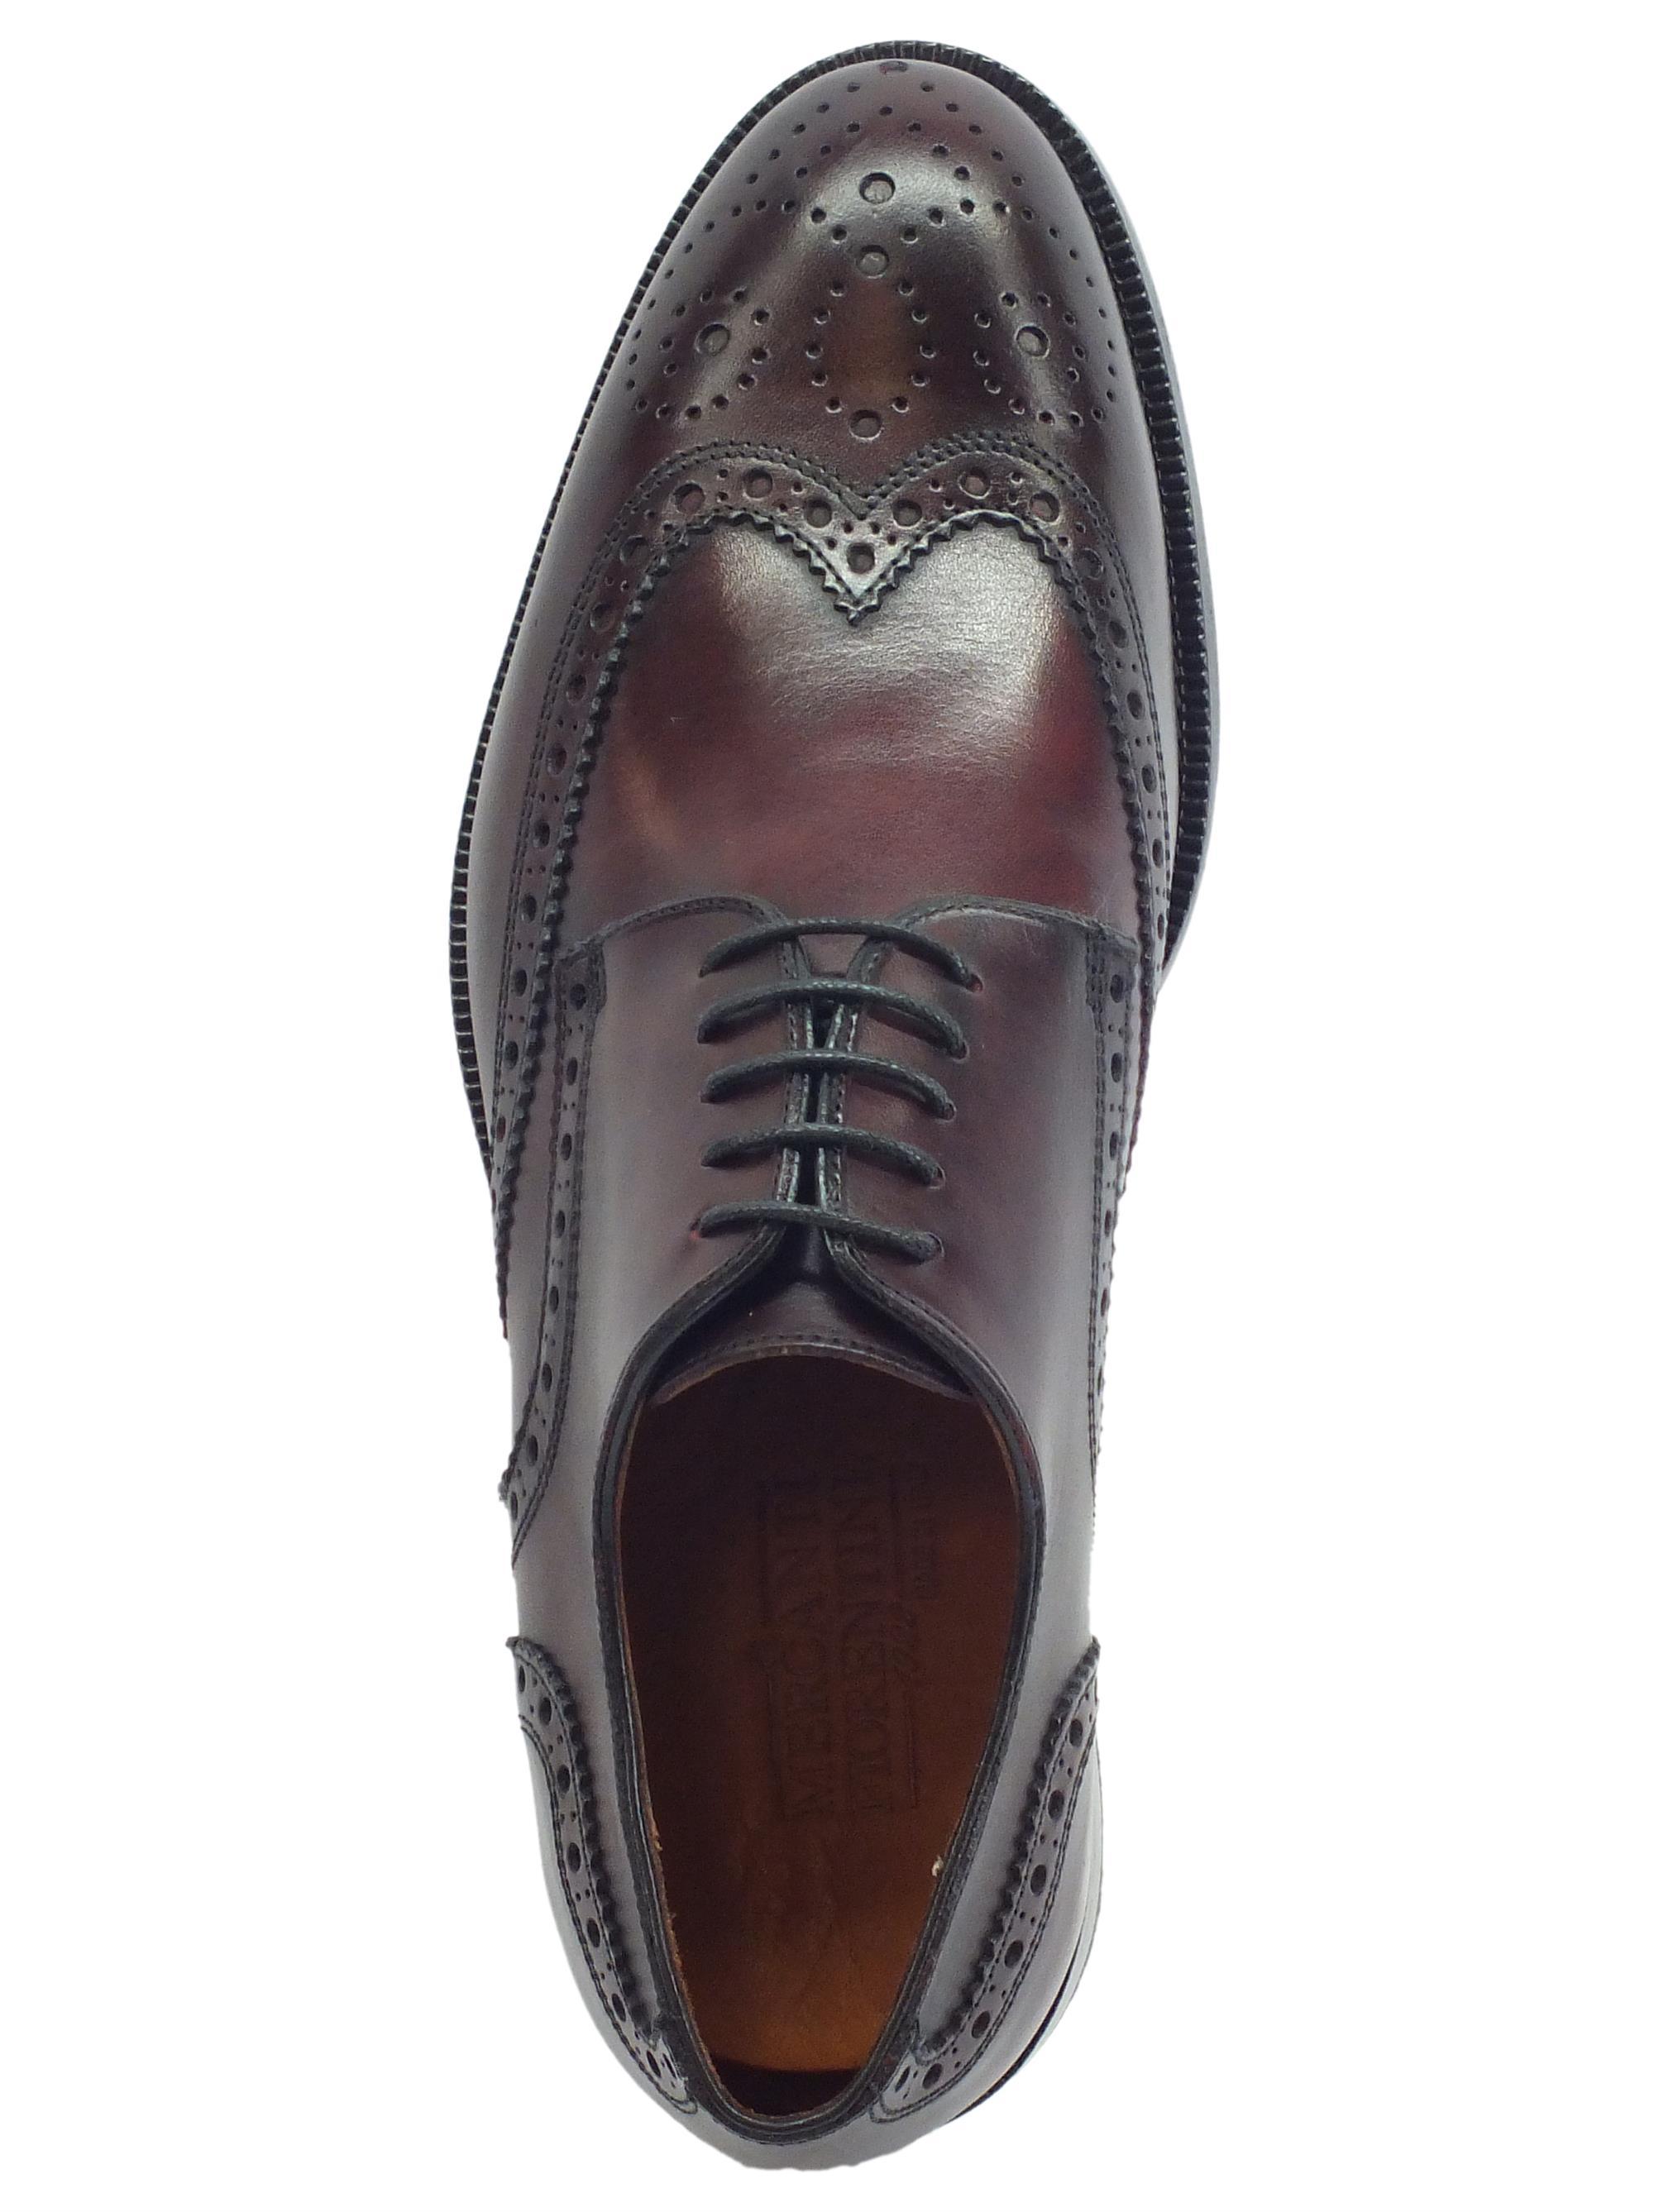 b28fb605c8f71 ... Mercanti Fiorentini Pegaso CA-55 Bordò scarpe classiche in pelle  lavorazione duilio